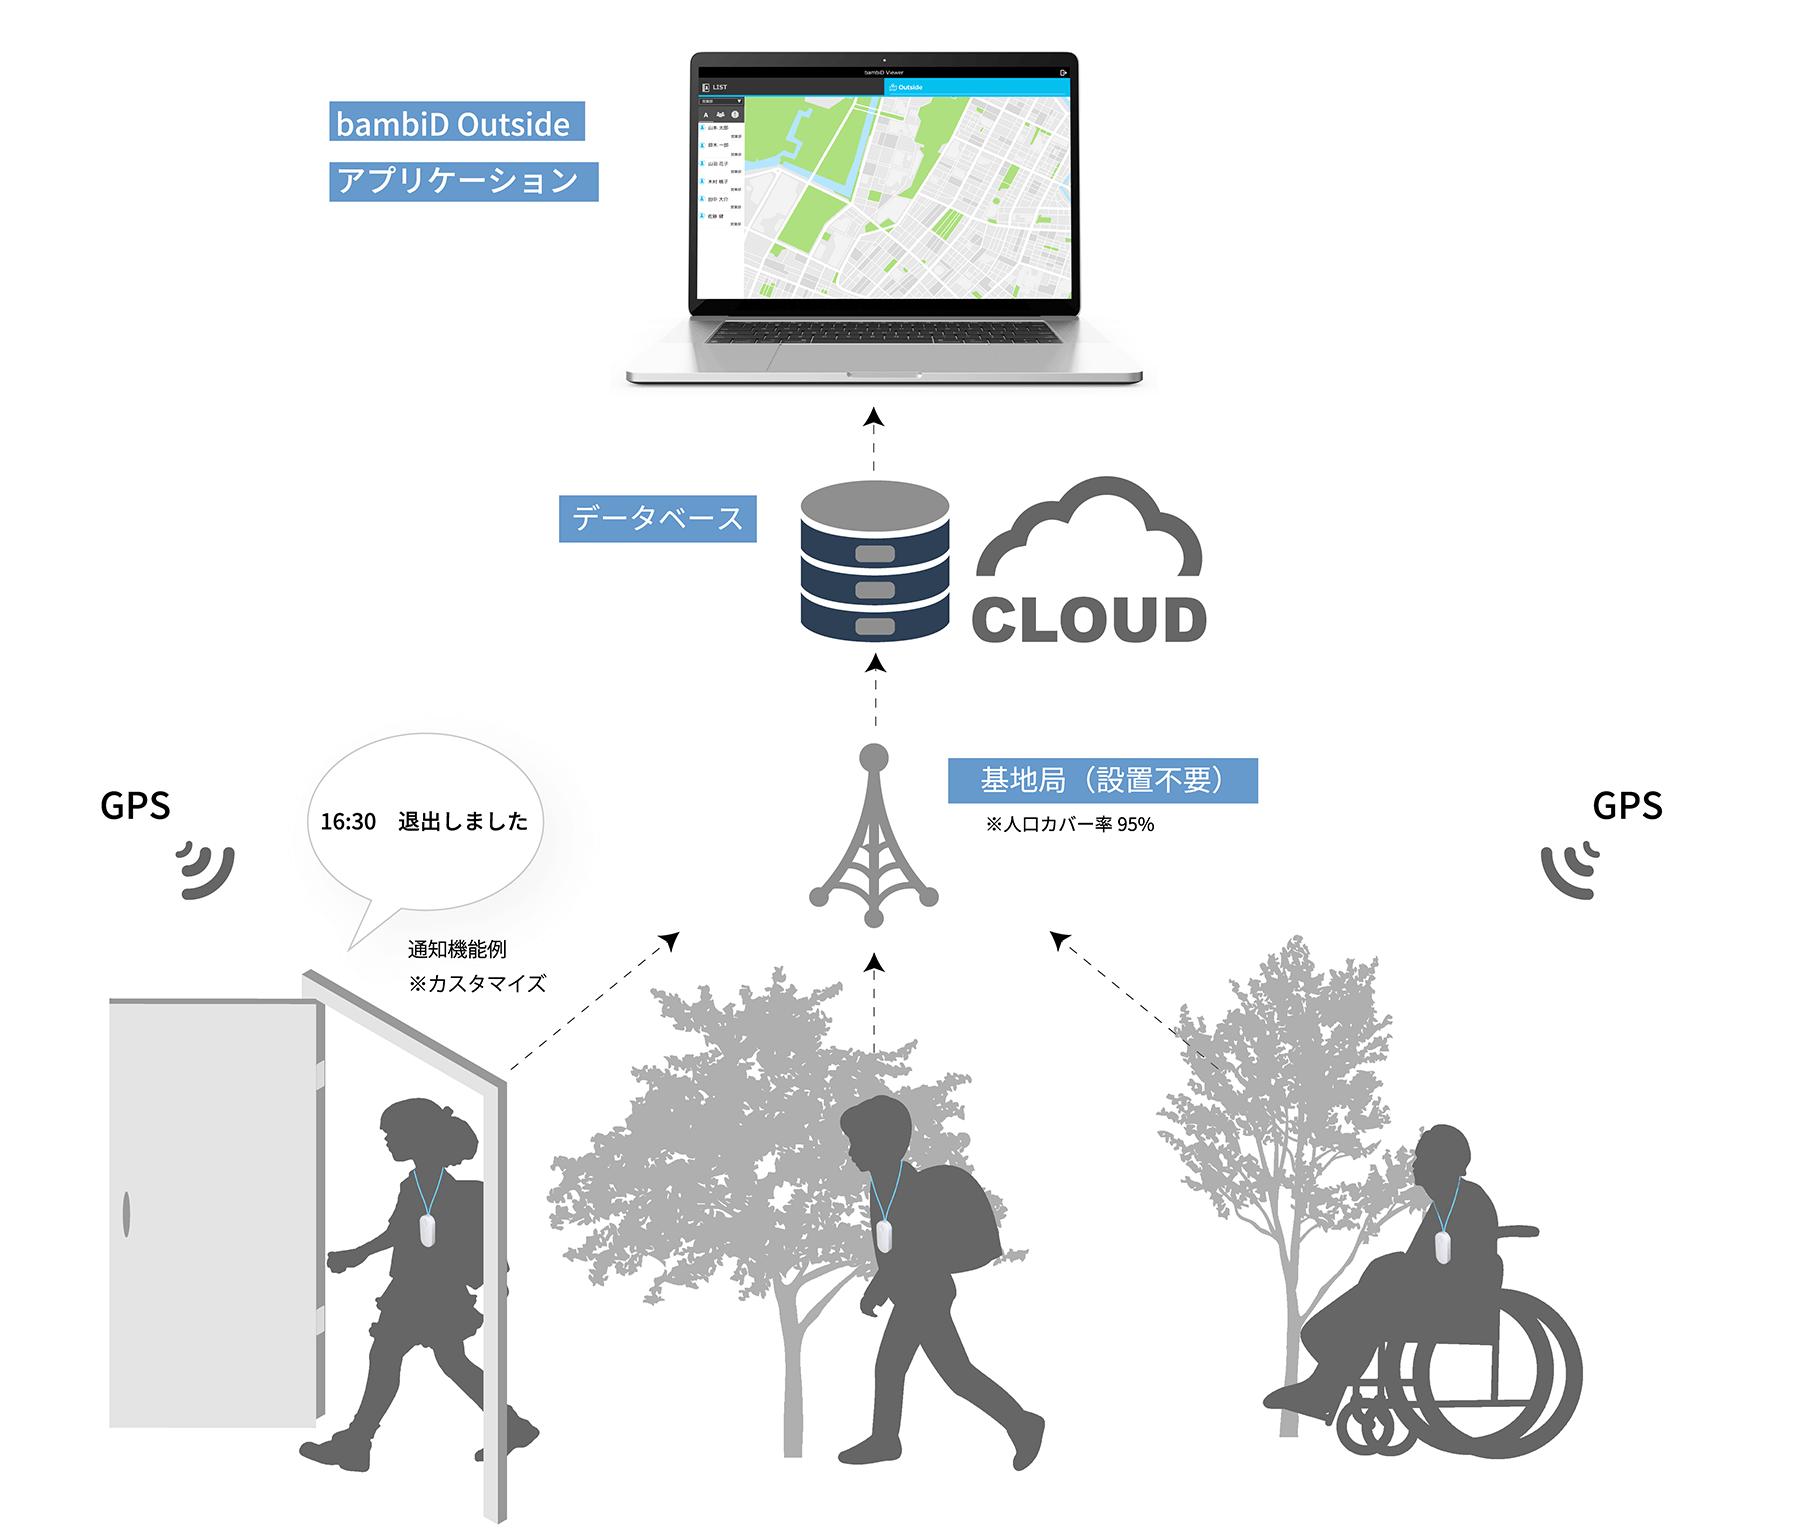 児童 生徒 お年寄り IoT 見守り 位置情報 活用のイメージ画像